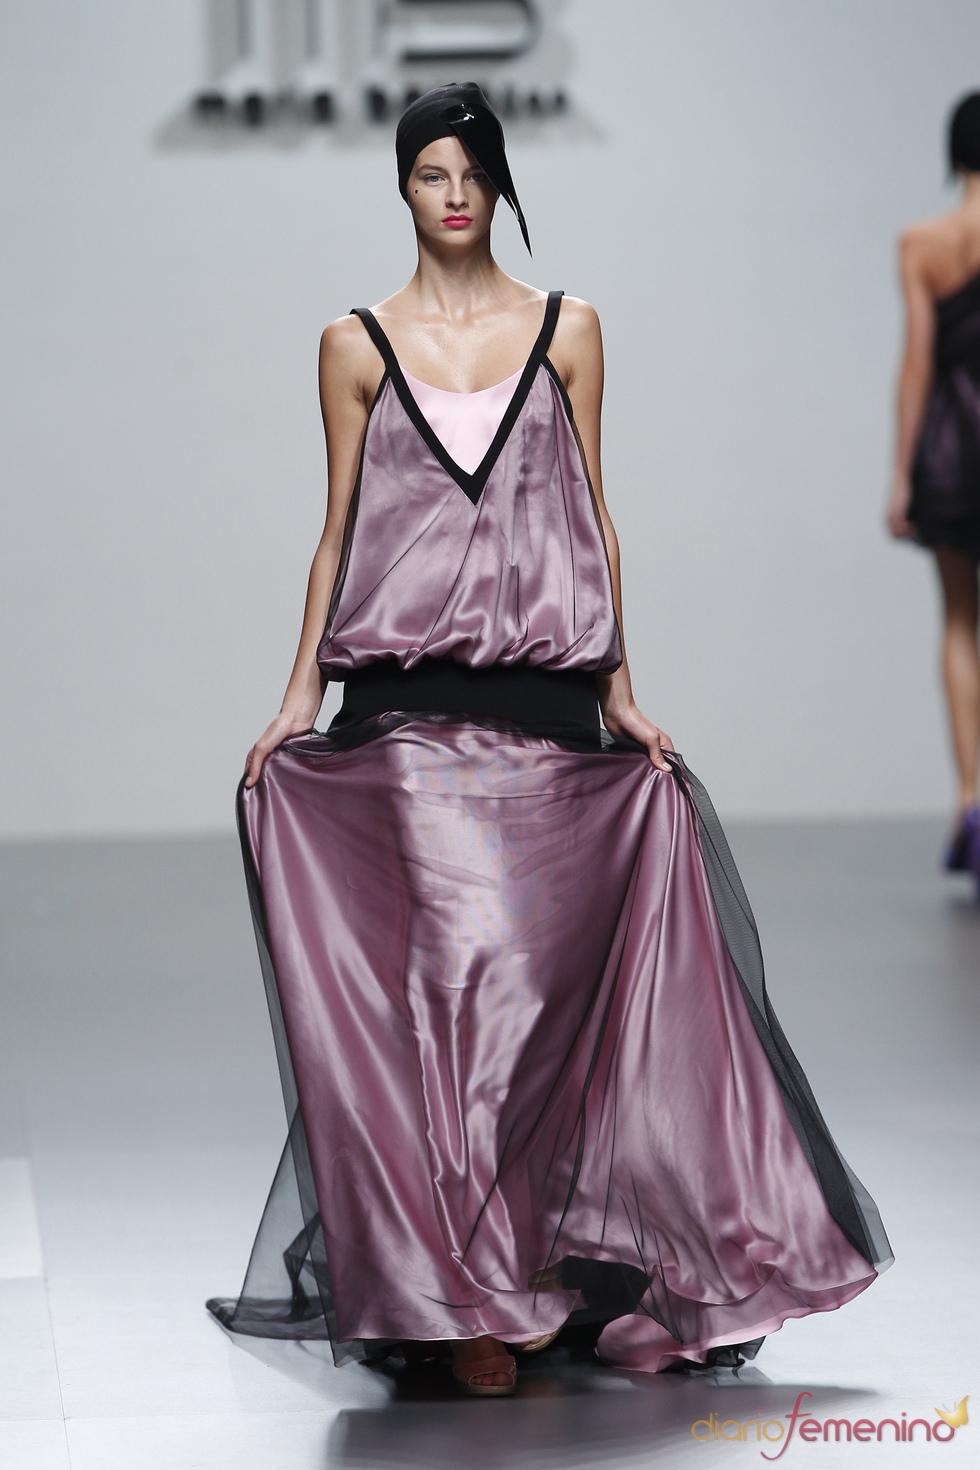 Maxivestido en satén y tul firmado por María Barros en la Madrid Fashion Week